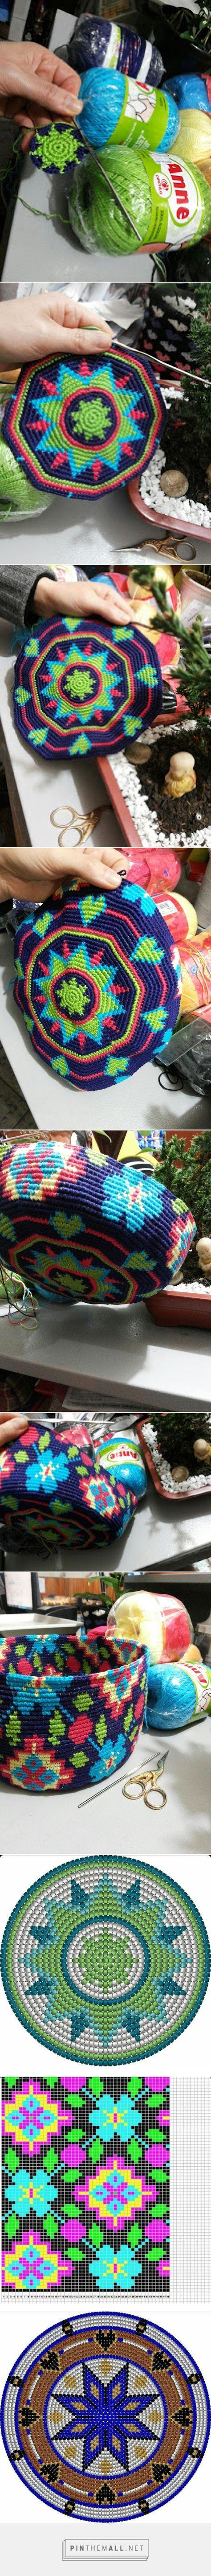 Canto do Pano Artesanato: Começando mais uma bolsa no estilo Wayuu,  tem vídeo explicando o - created via http://pinthemall.net